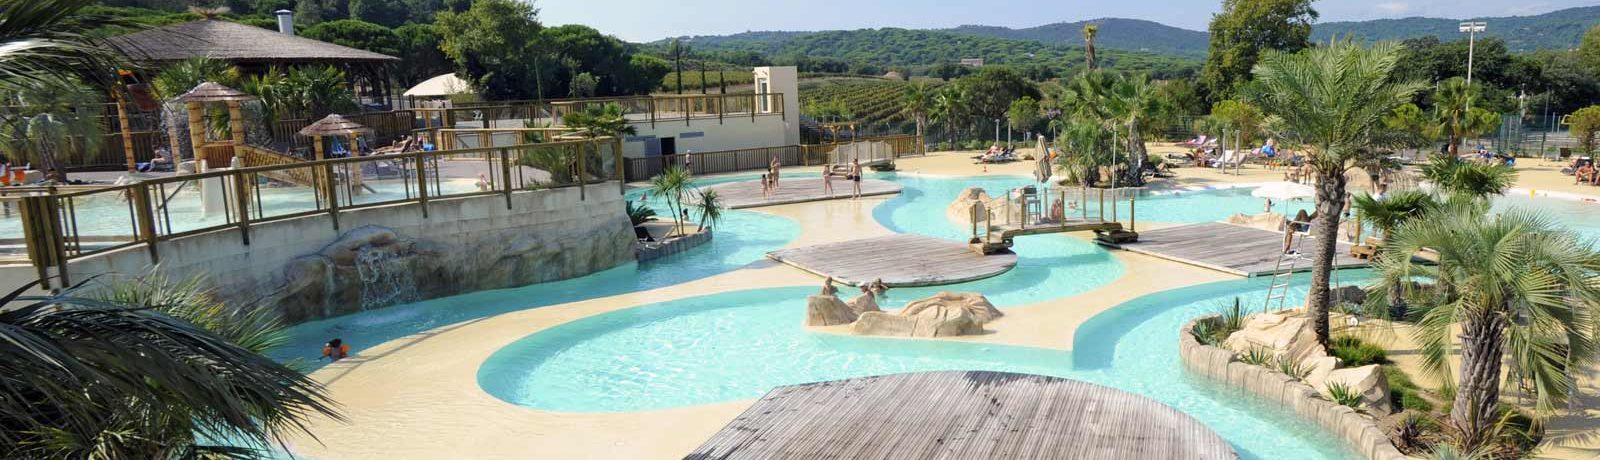 Fantastisch familiecamping met zwemparadijs aan de Côte d'Azur met zicht op zee gelegen in een bos van 20 hectare op de heuvels van Ramatuelle.